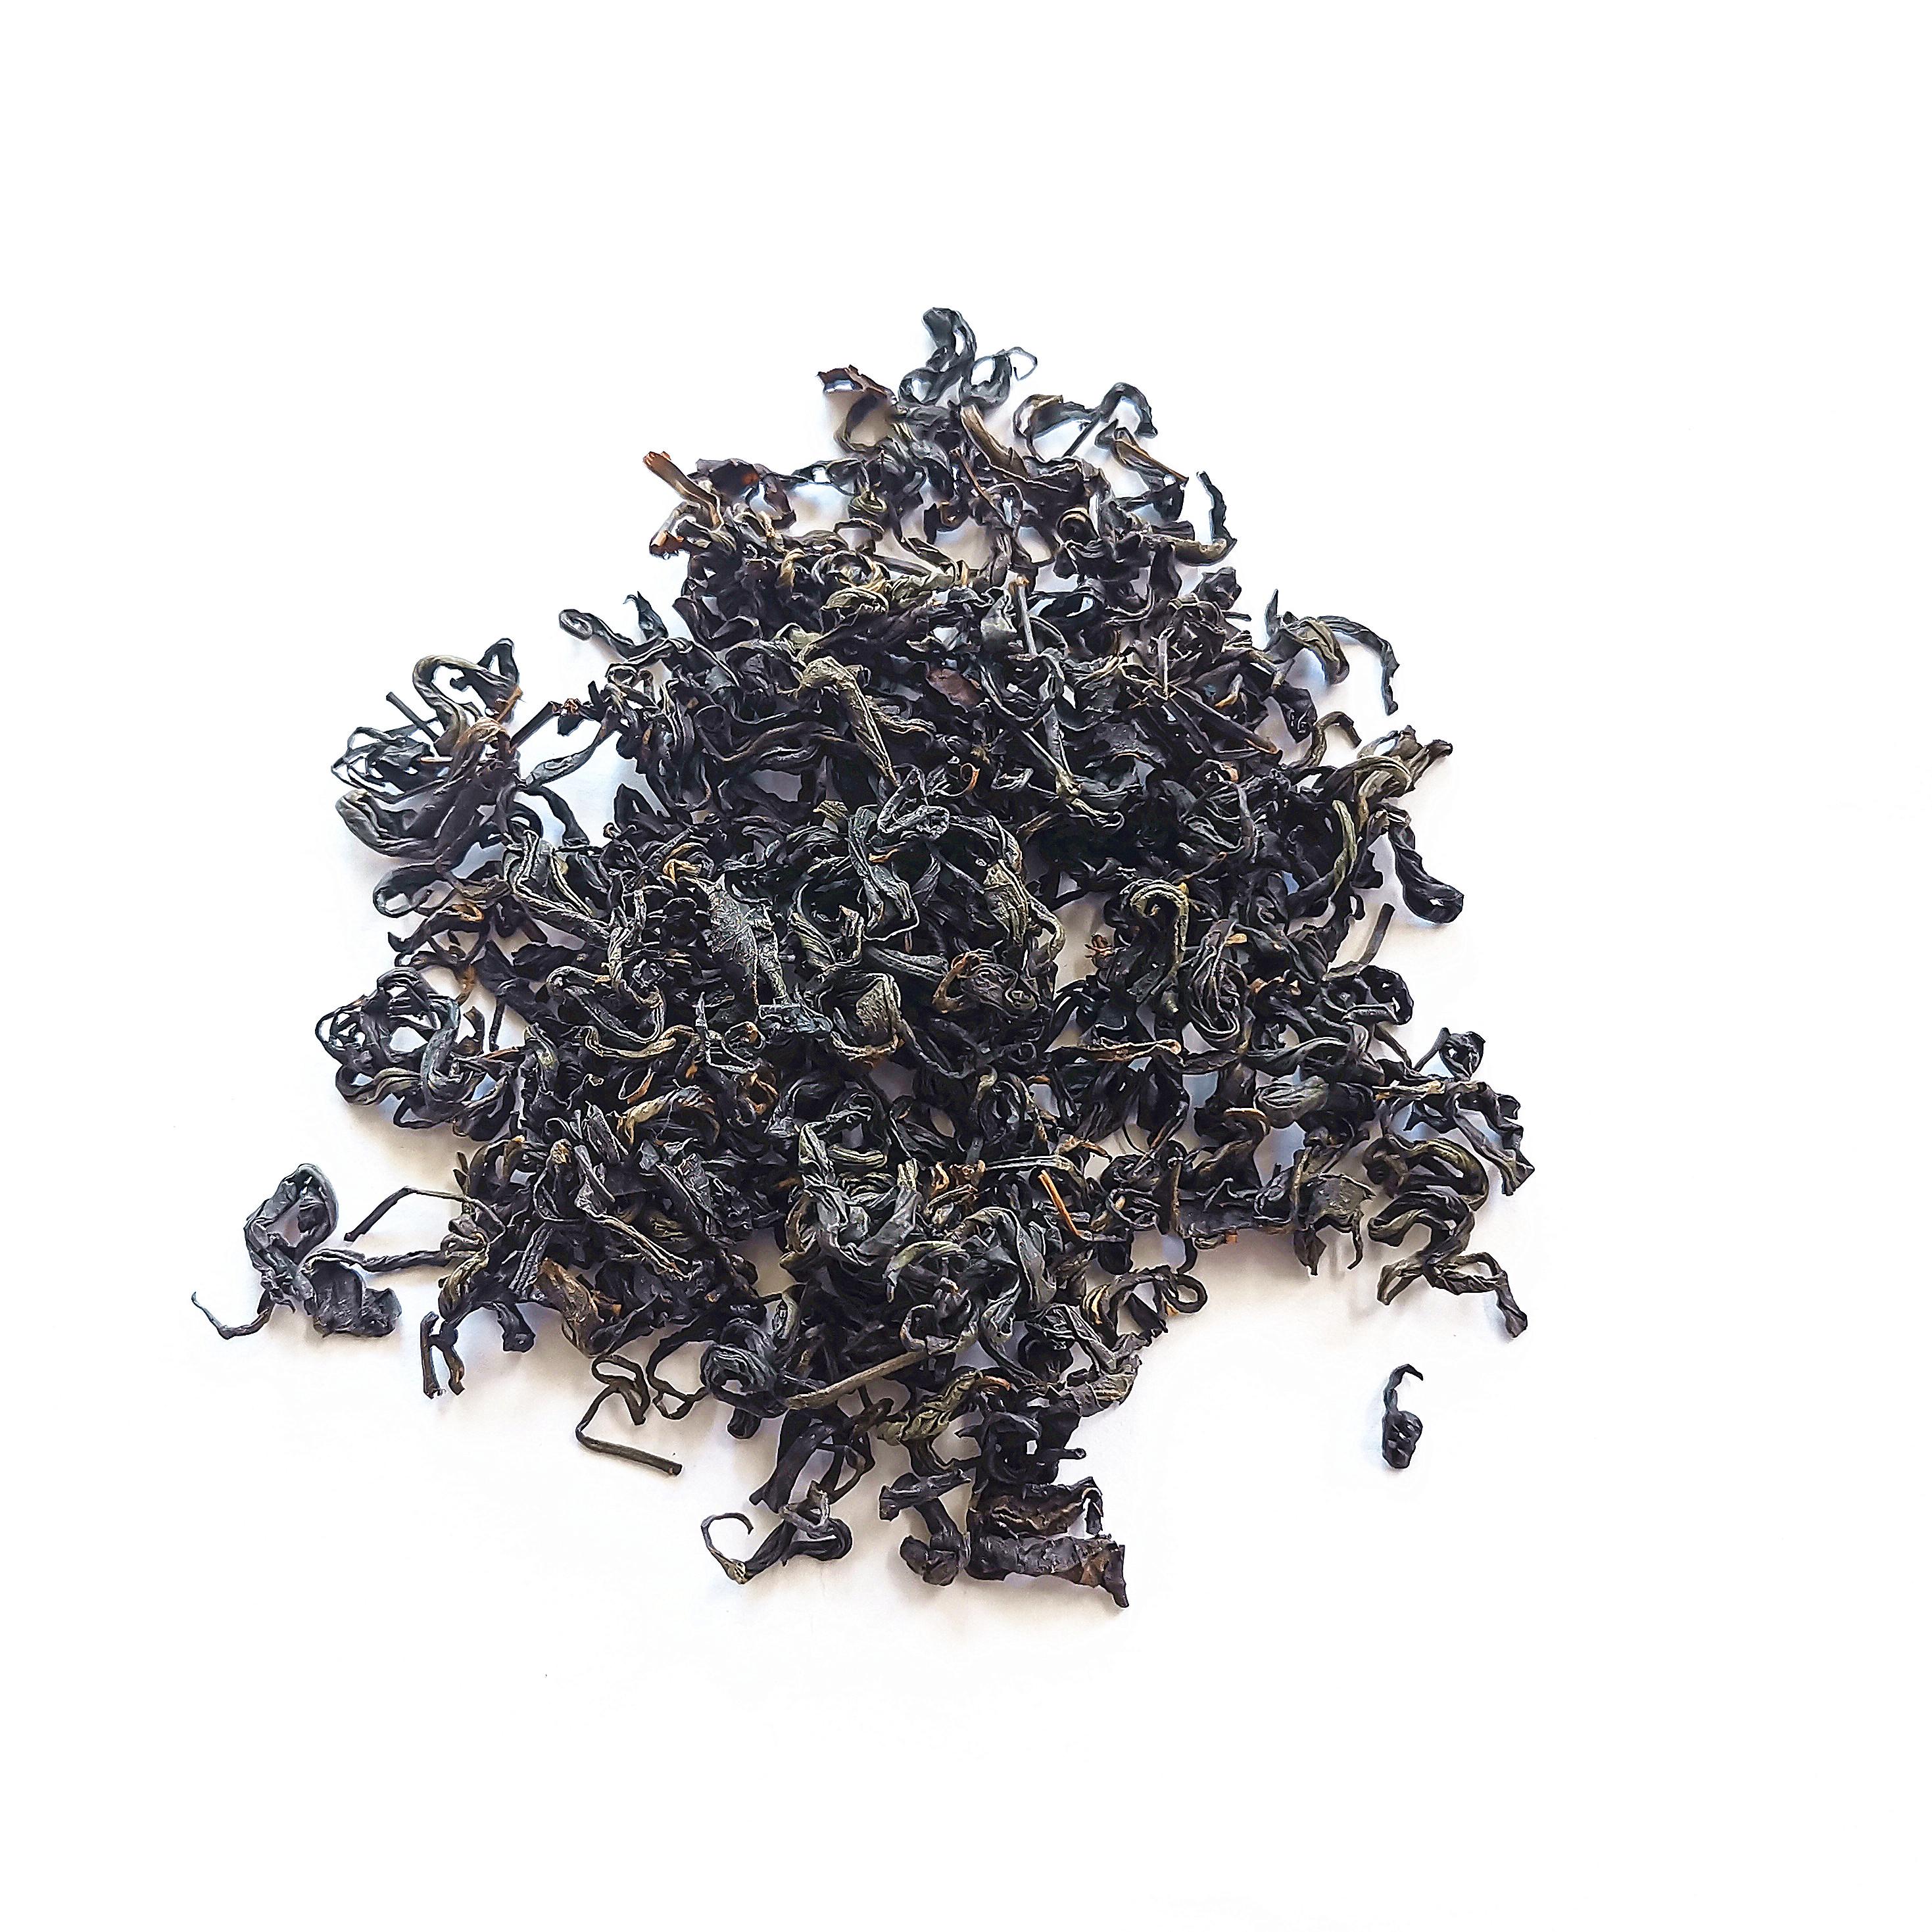 price of orthodox black tea loose black tea - 4uTea   4uTea.com